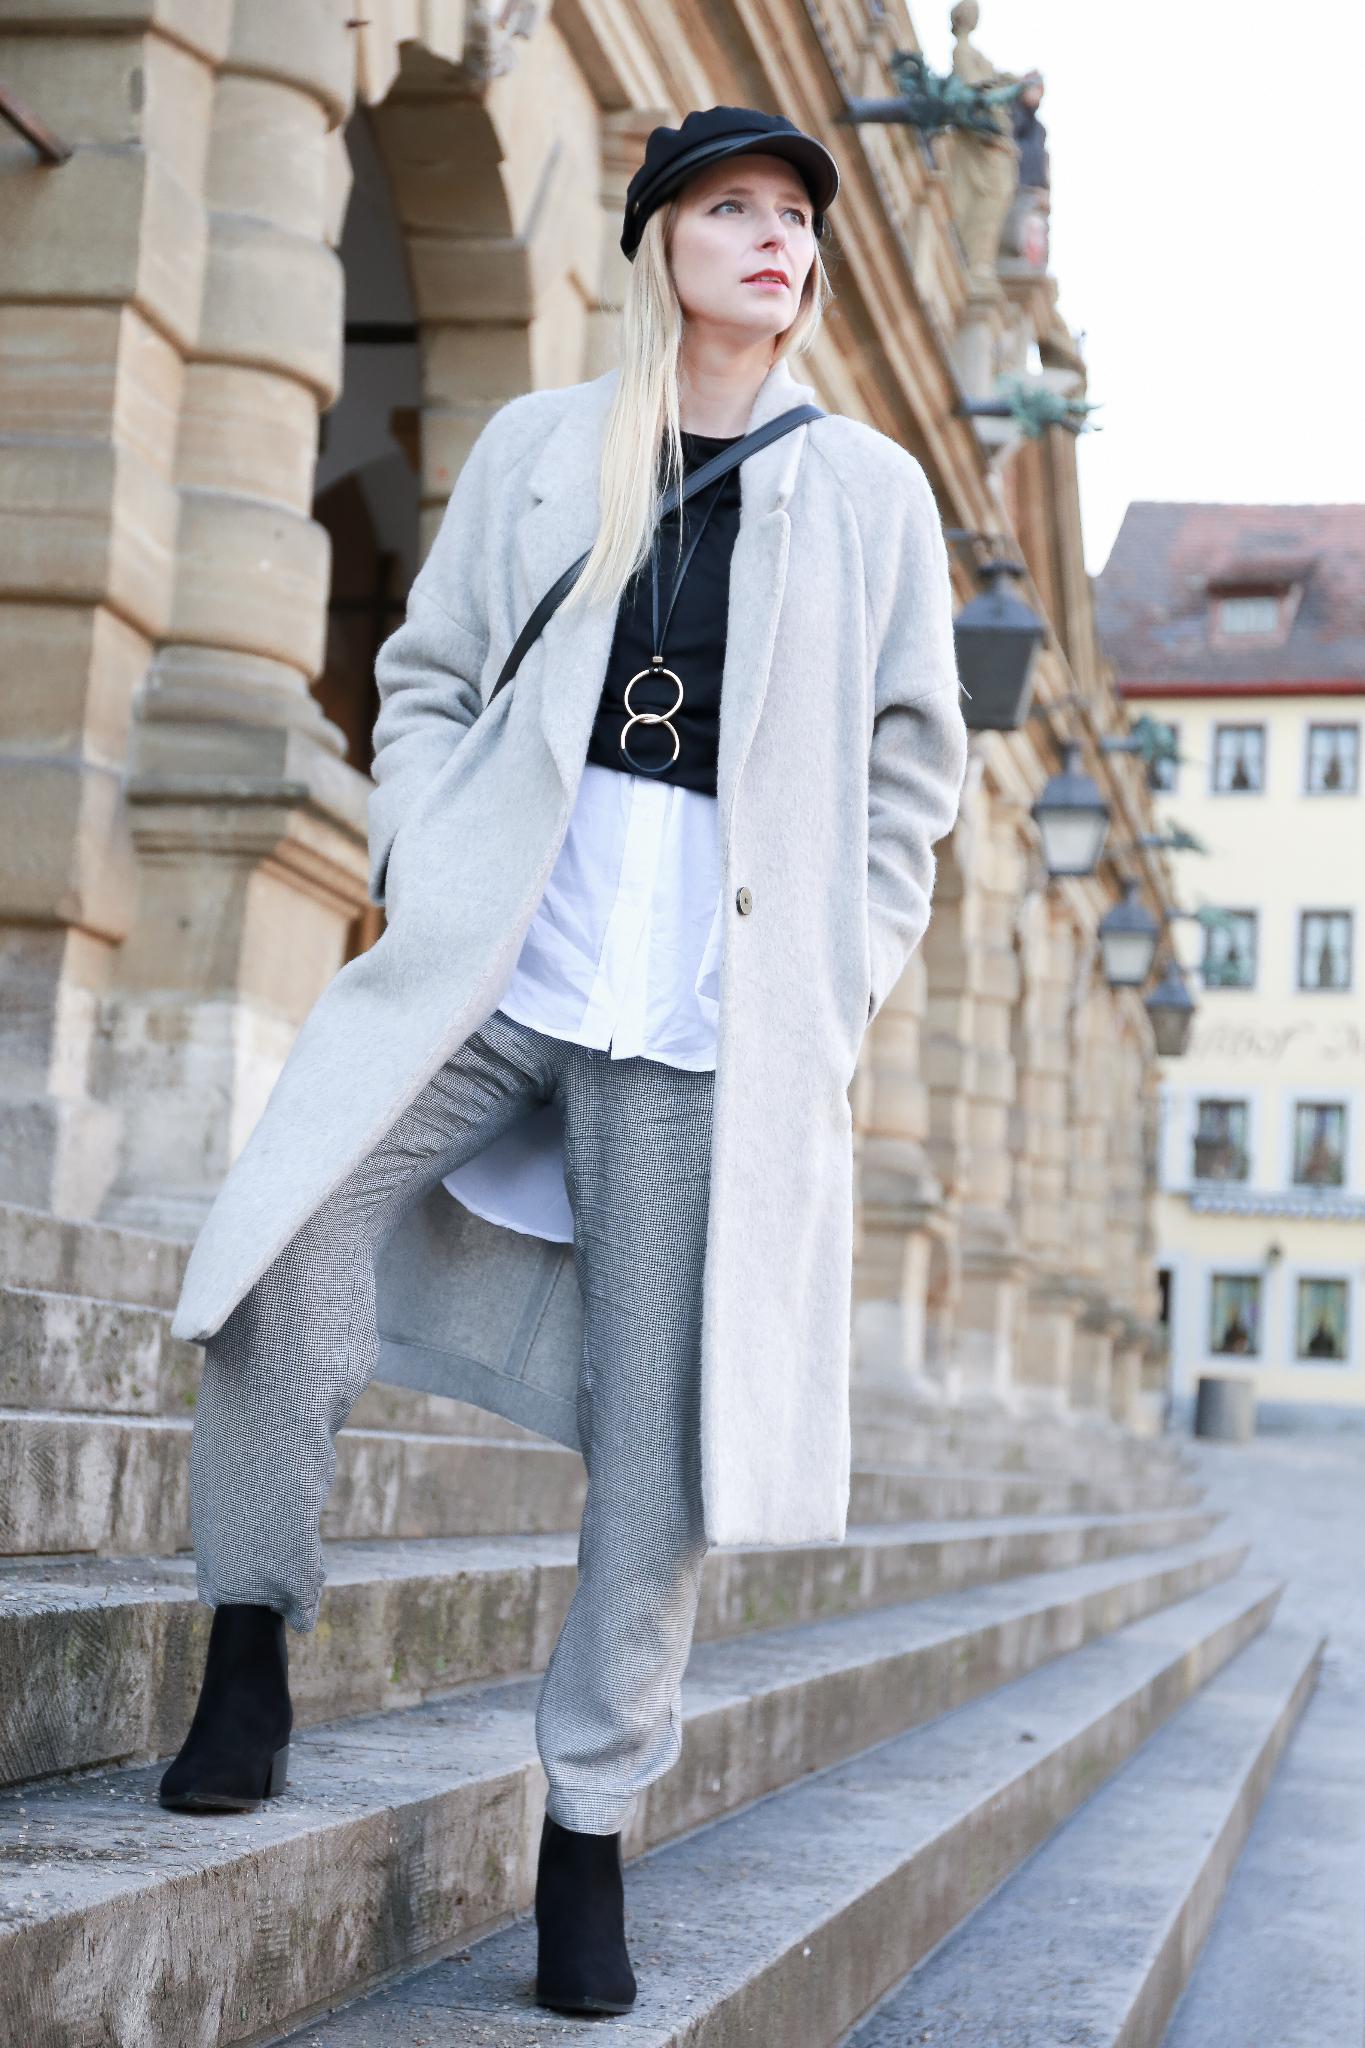 Fashion_Outfit_Michael_Kors_Bucket_Bag-2